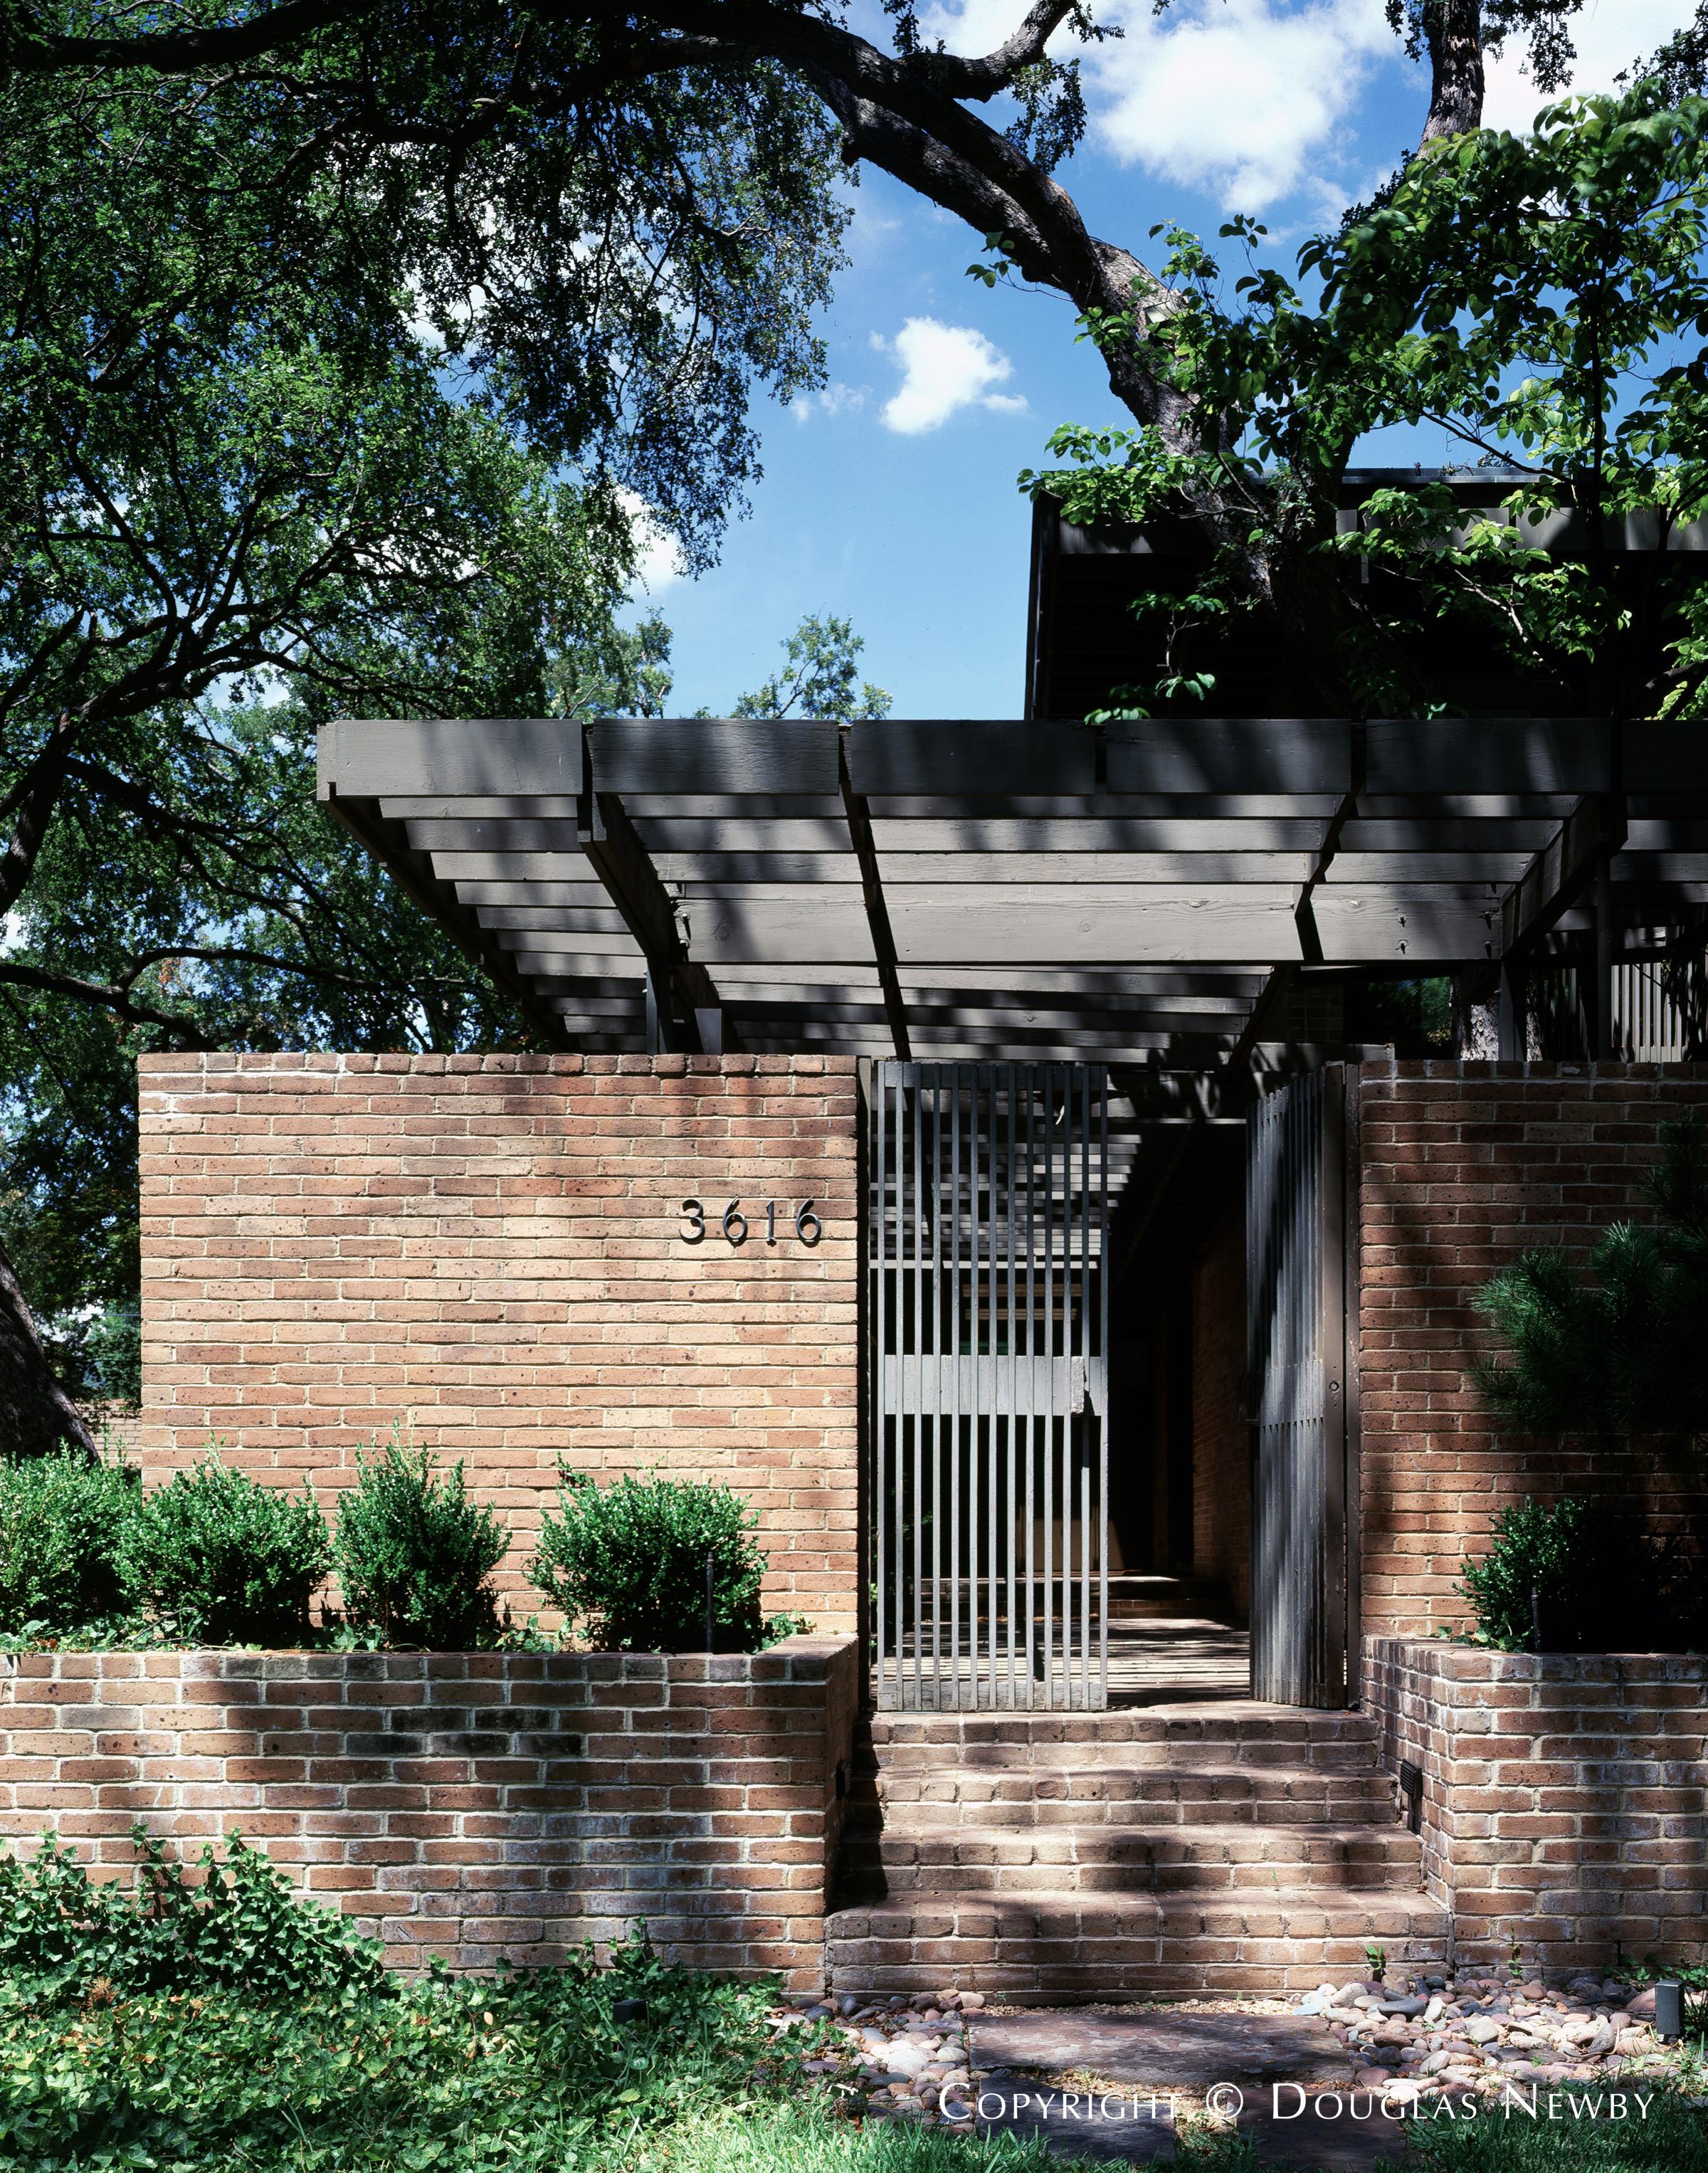 Highland Park Real Estate on 0.64 Acres